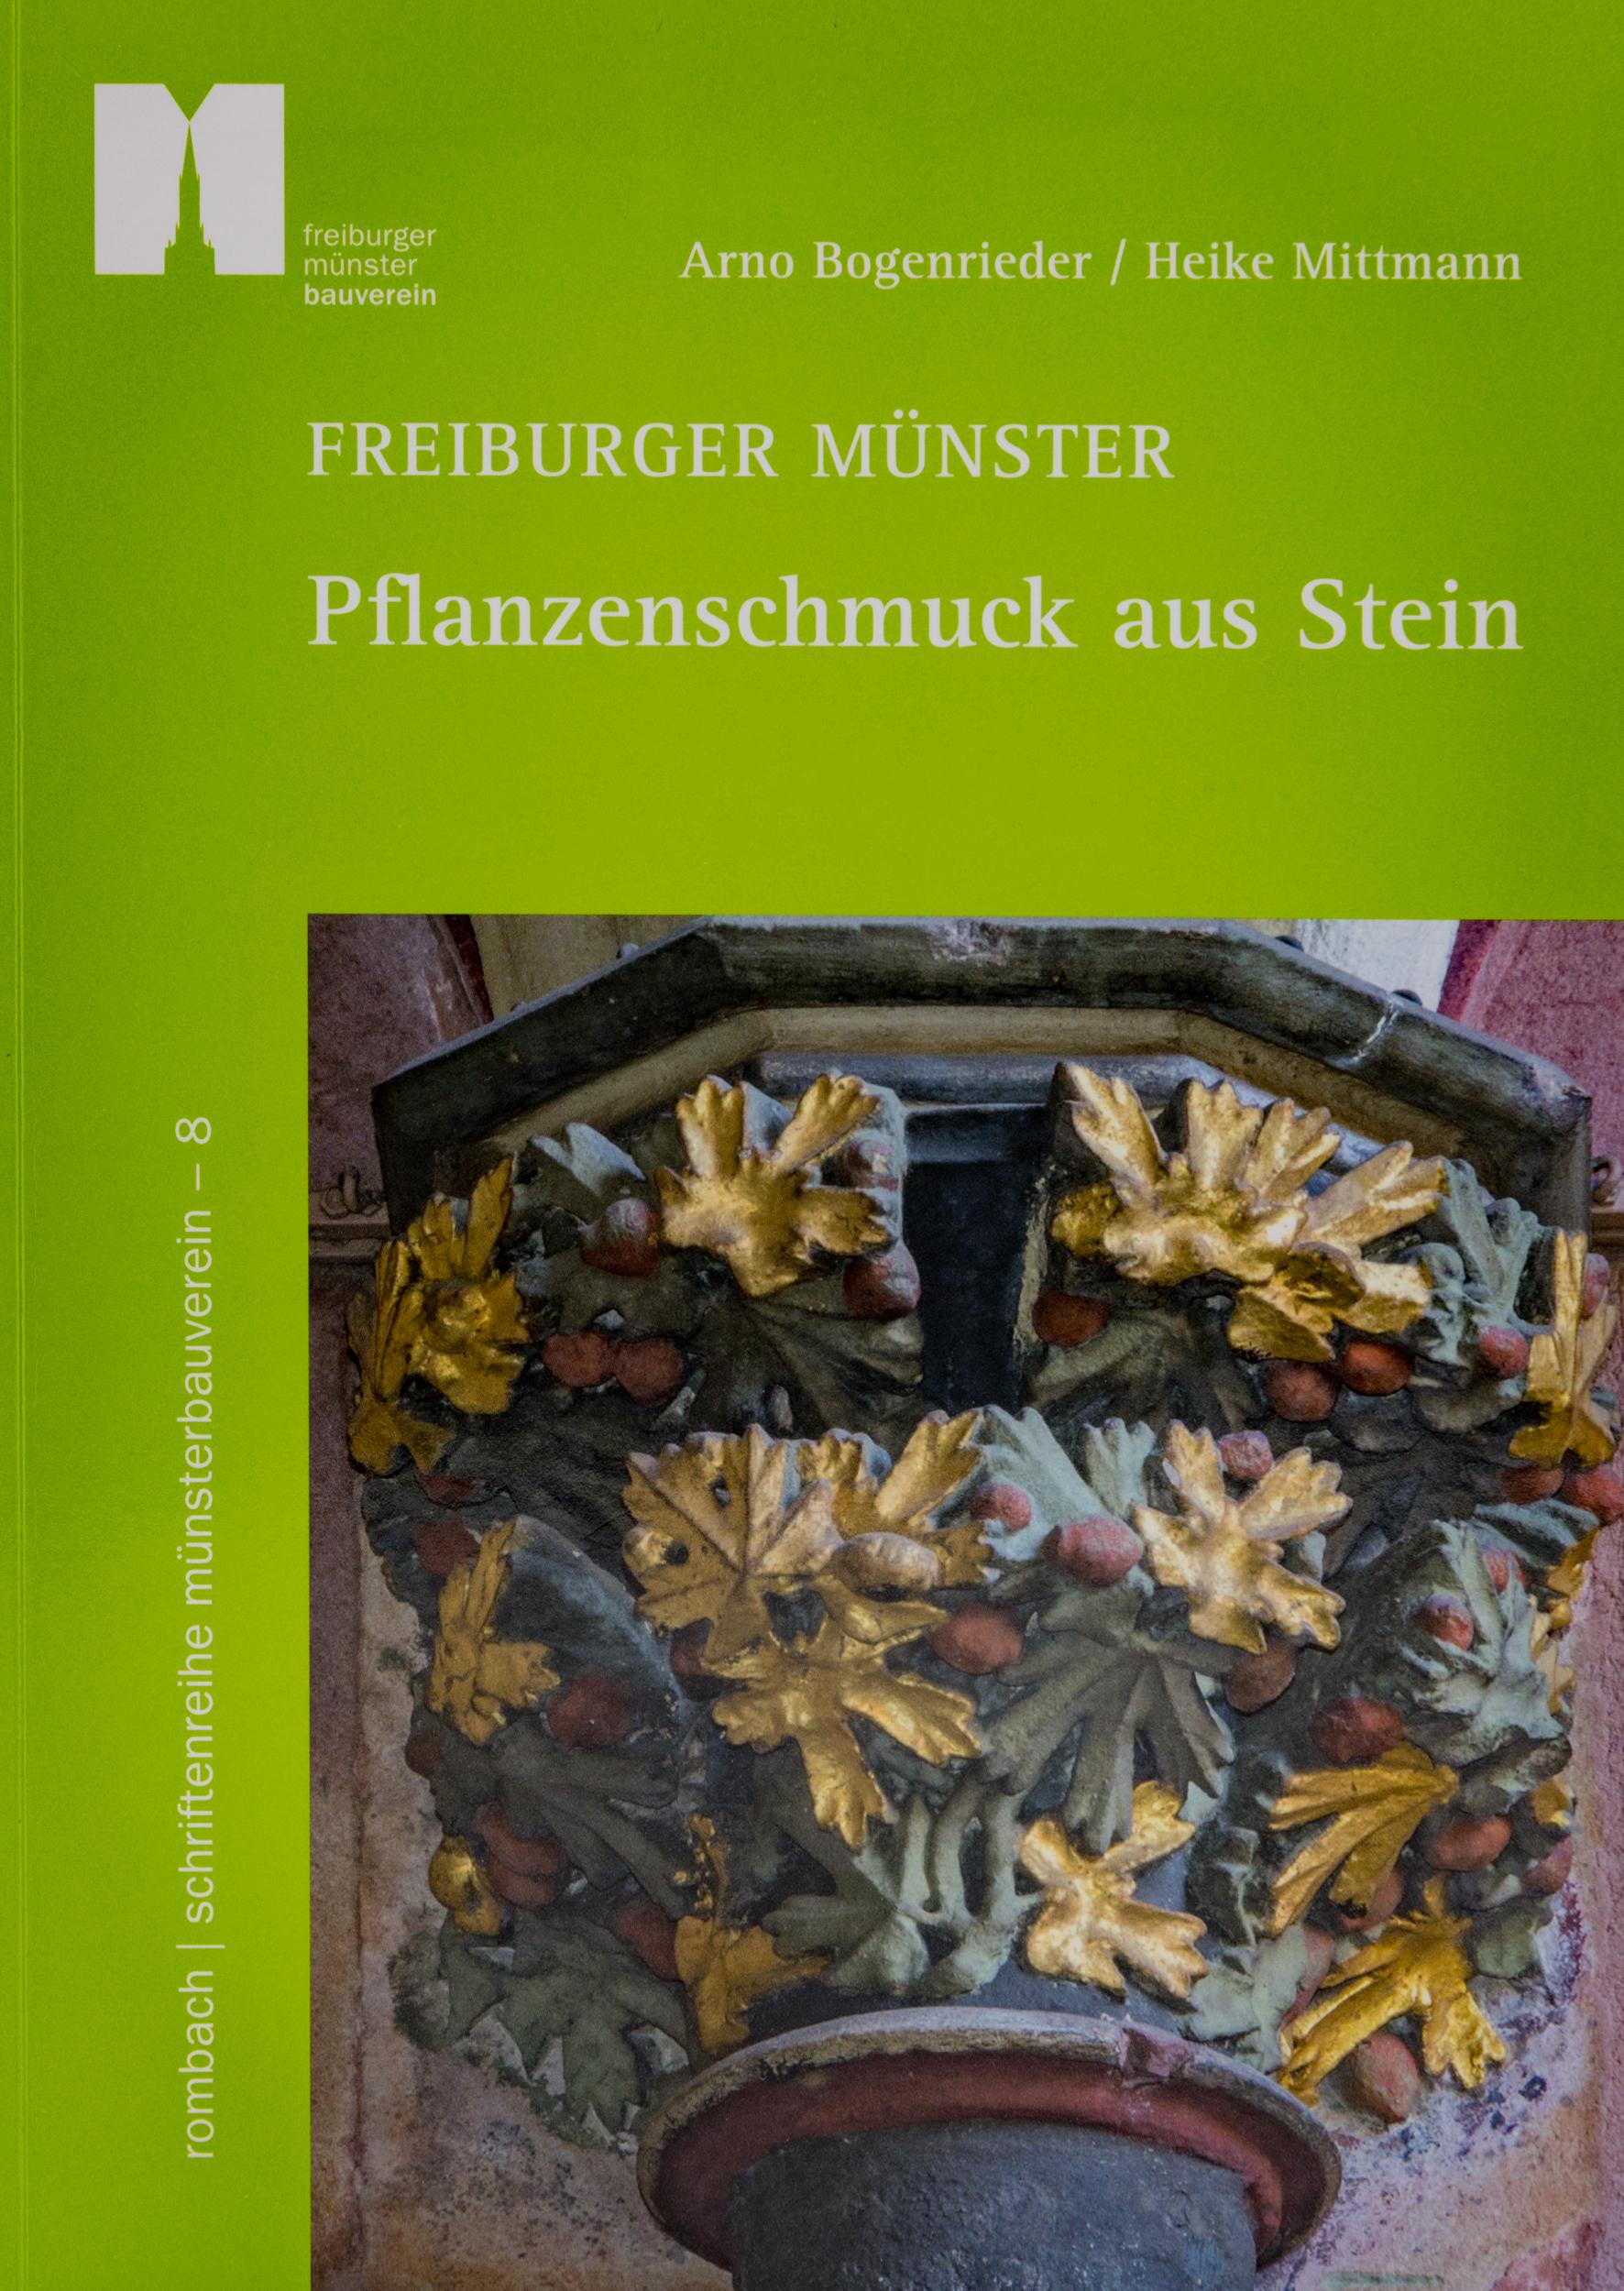 102-Muenster-Laden-Freiburg-Buch-Bogenrieder-Pflanzenschmuck-aus-Stein